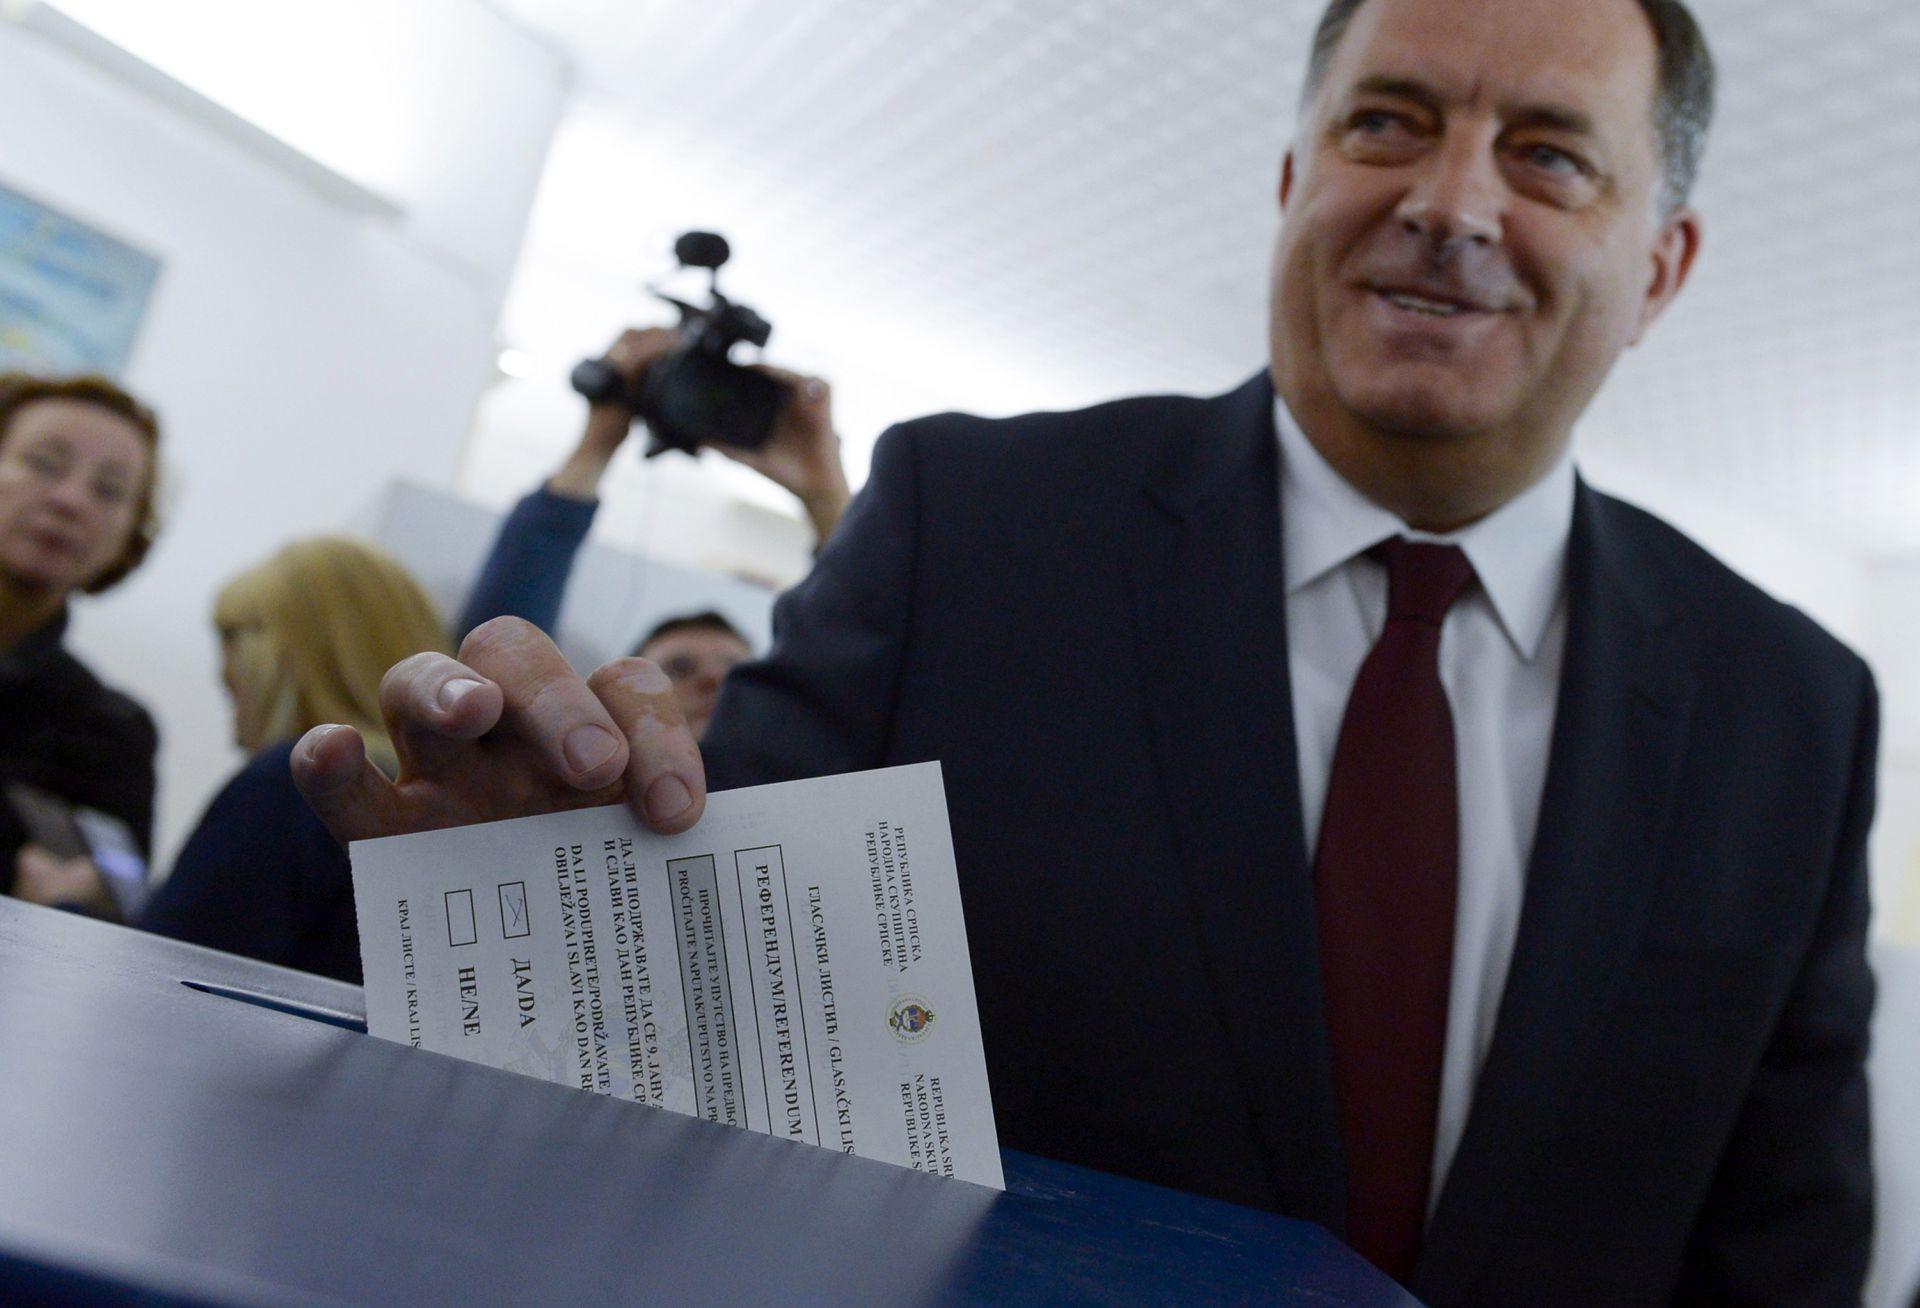 MINISTAR SIGURNOSTI BiH: Dodik će biti uhićen ako odbije dati iskaz